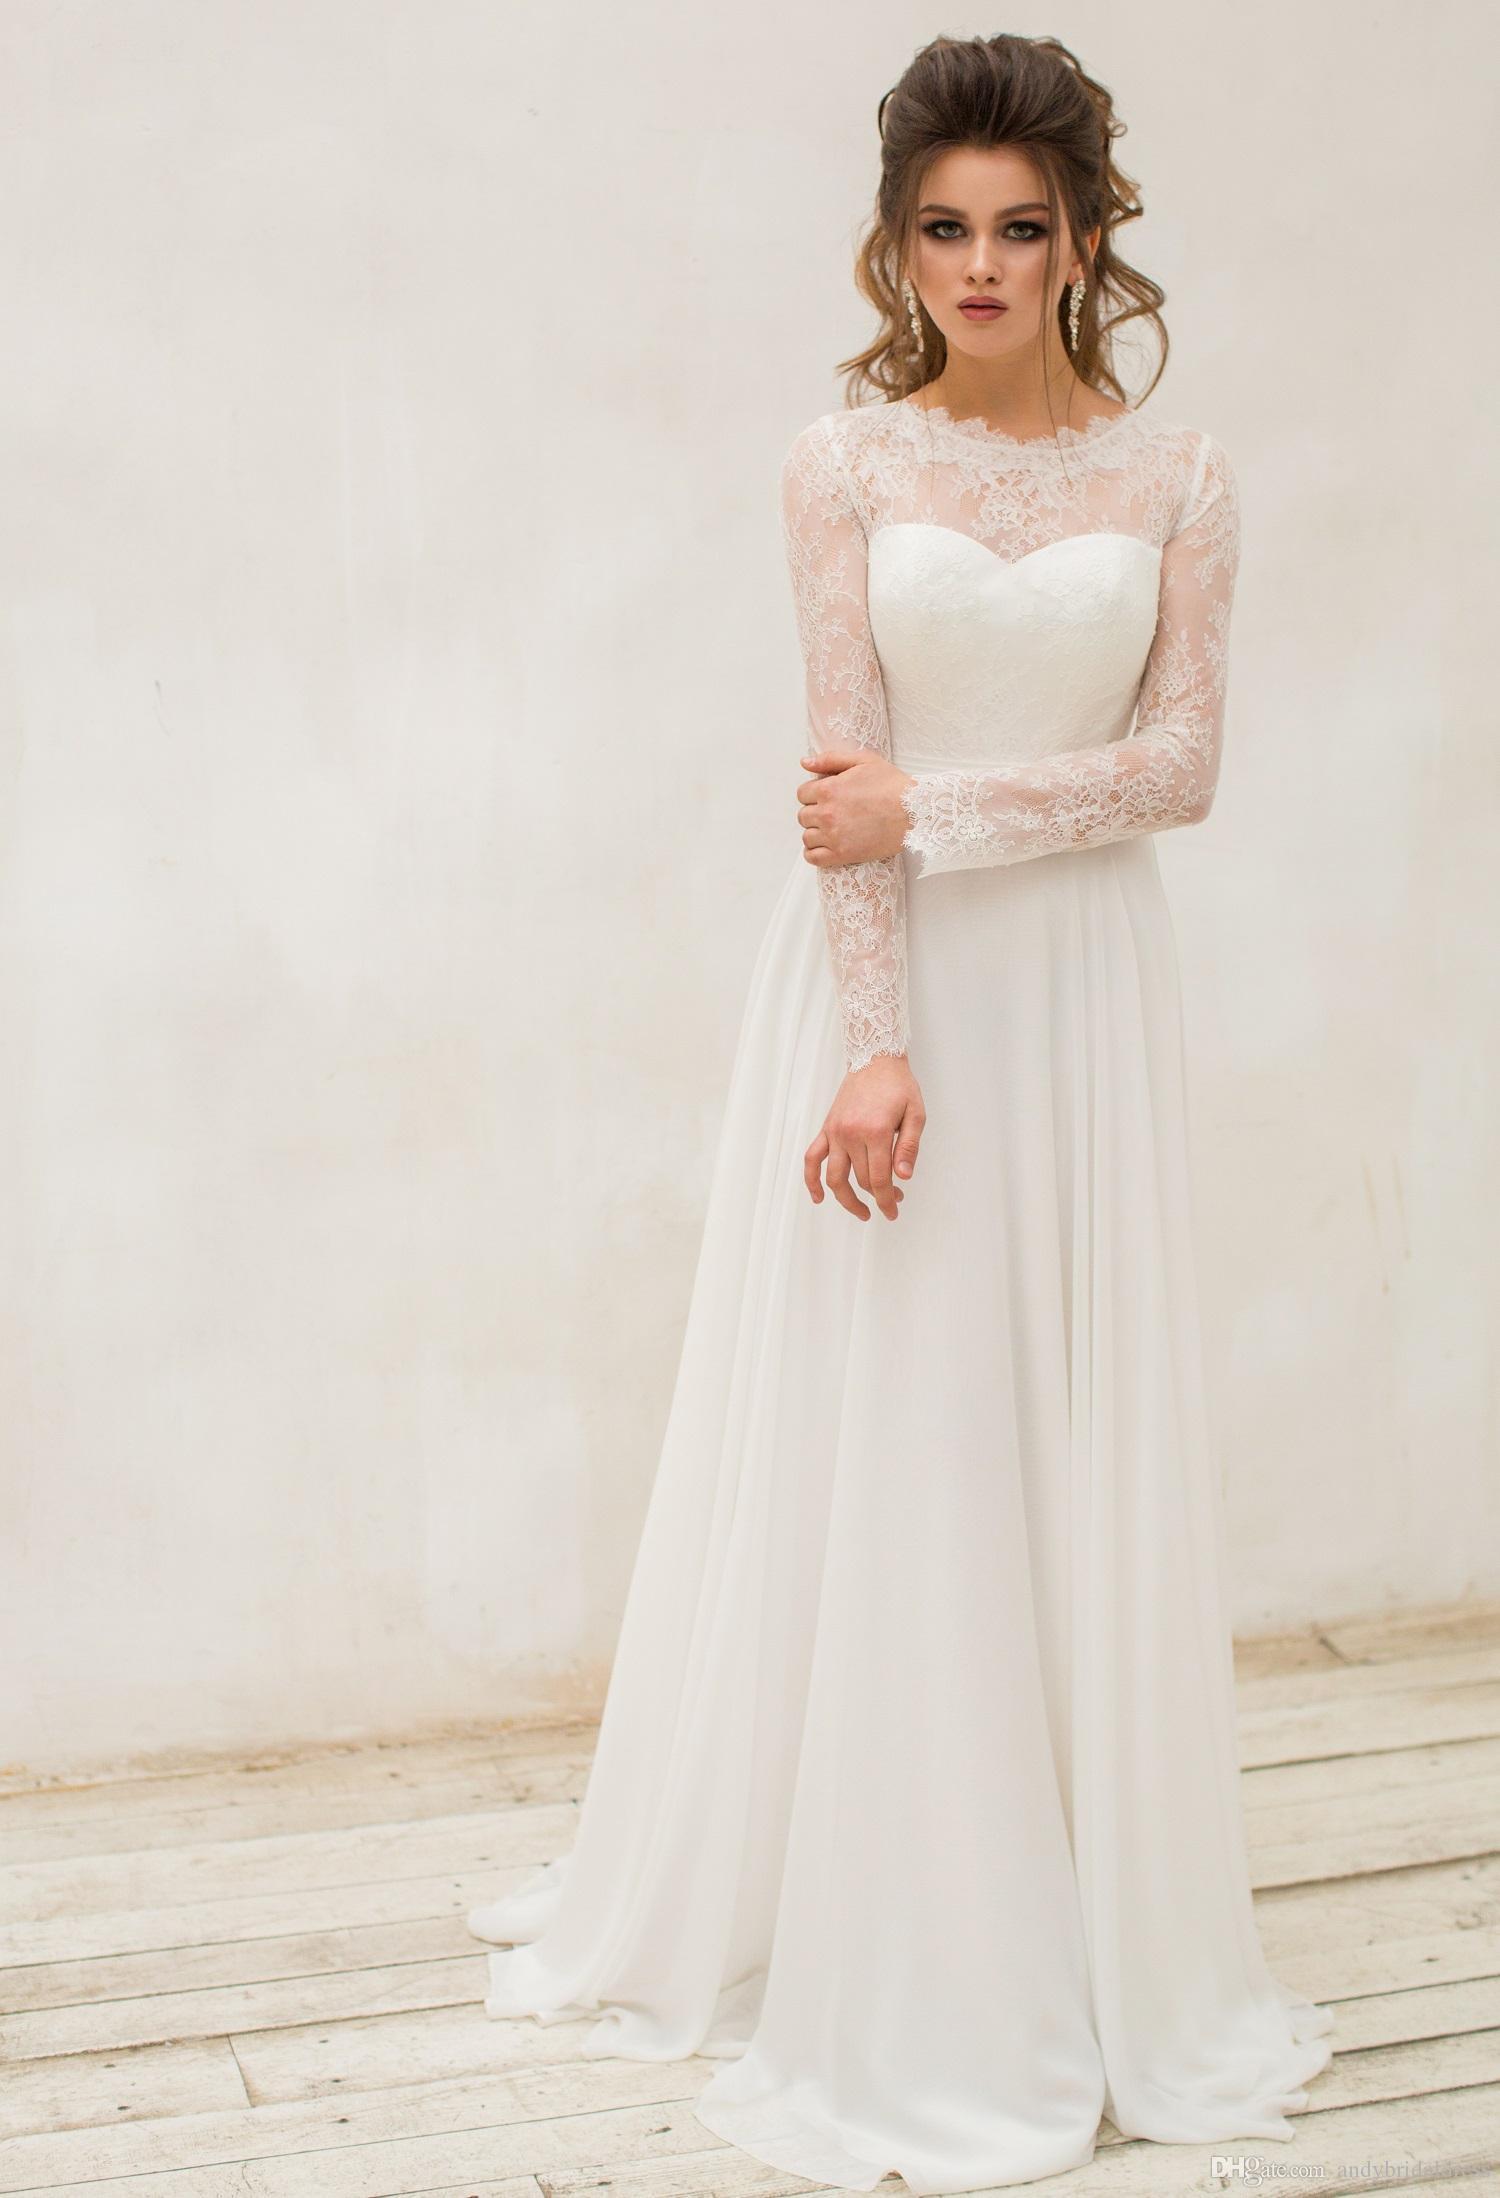 inexpensive wedding dresses photo - 1